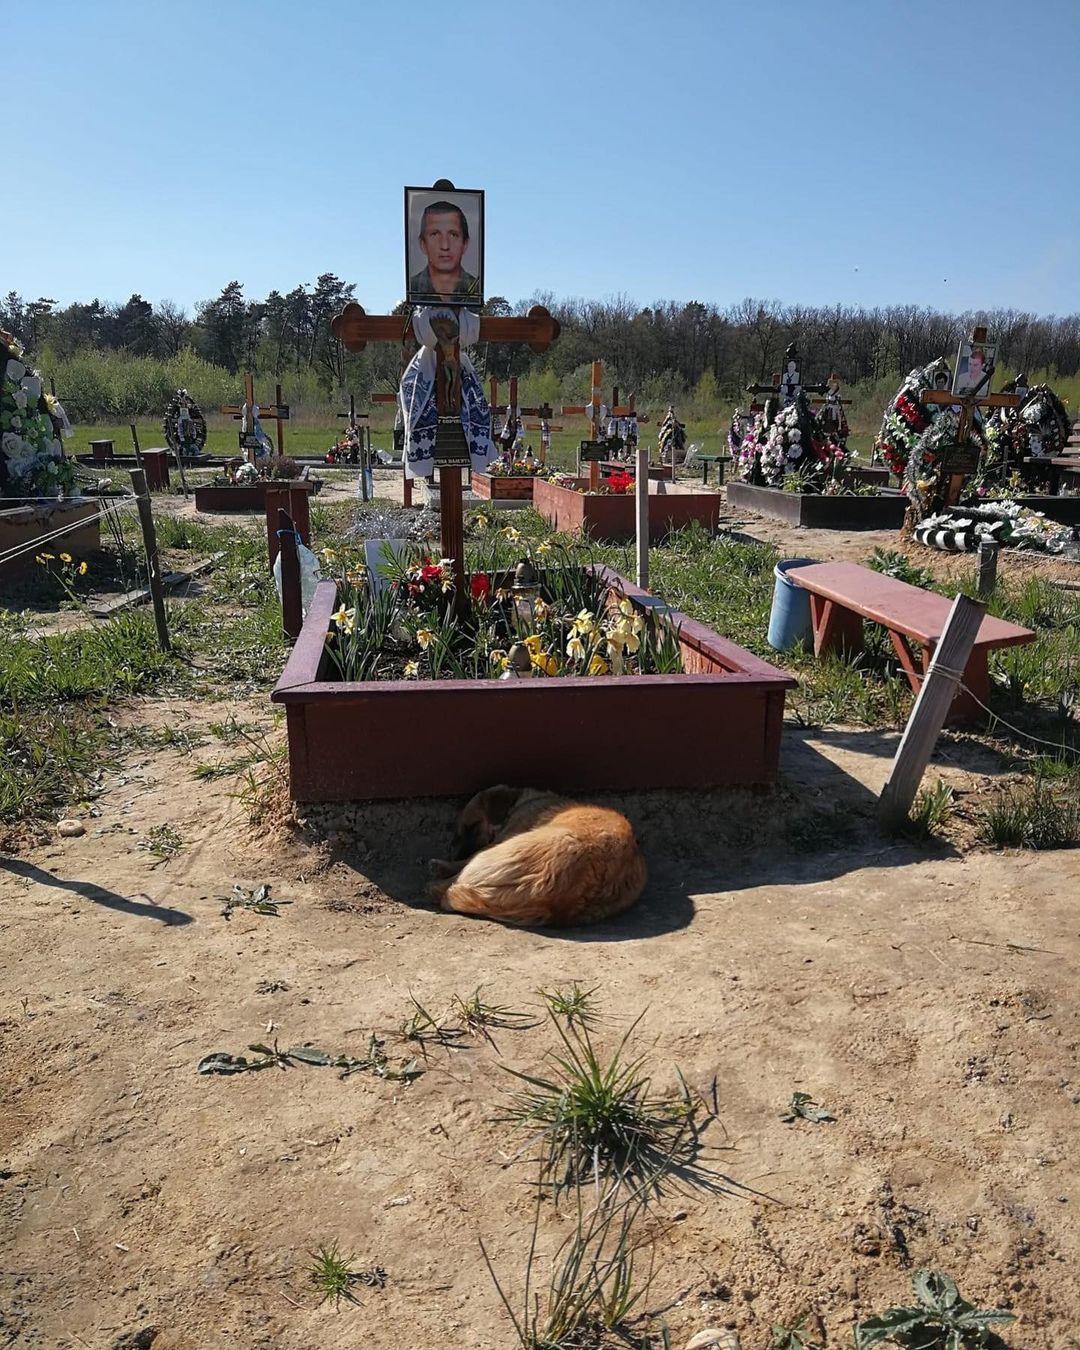 Український «Хатіко» цілий рік не відходить від могили господаря. ФОТО